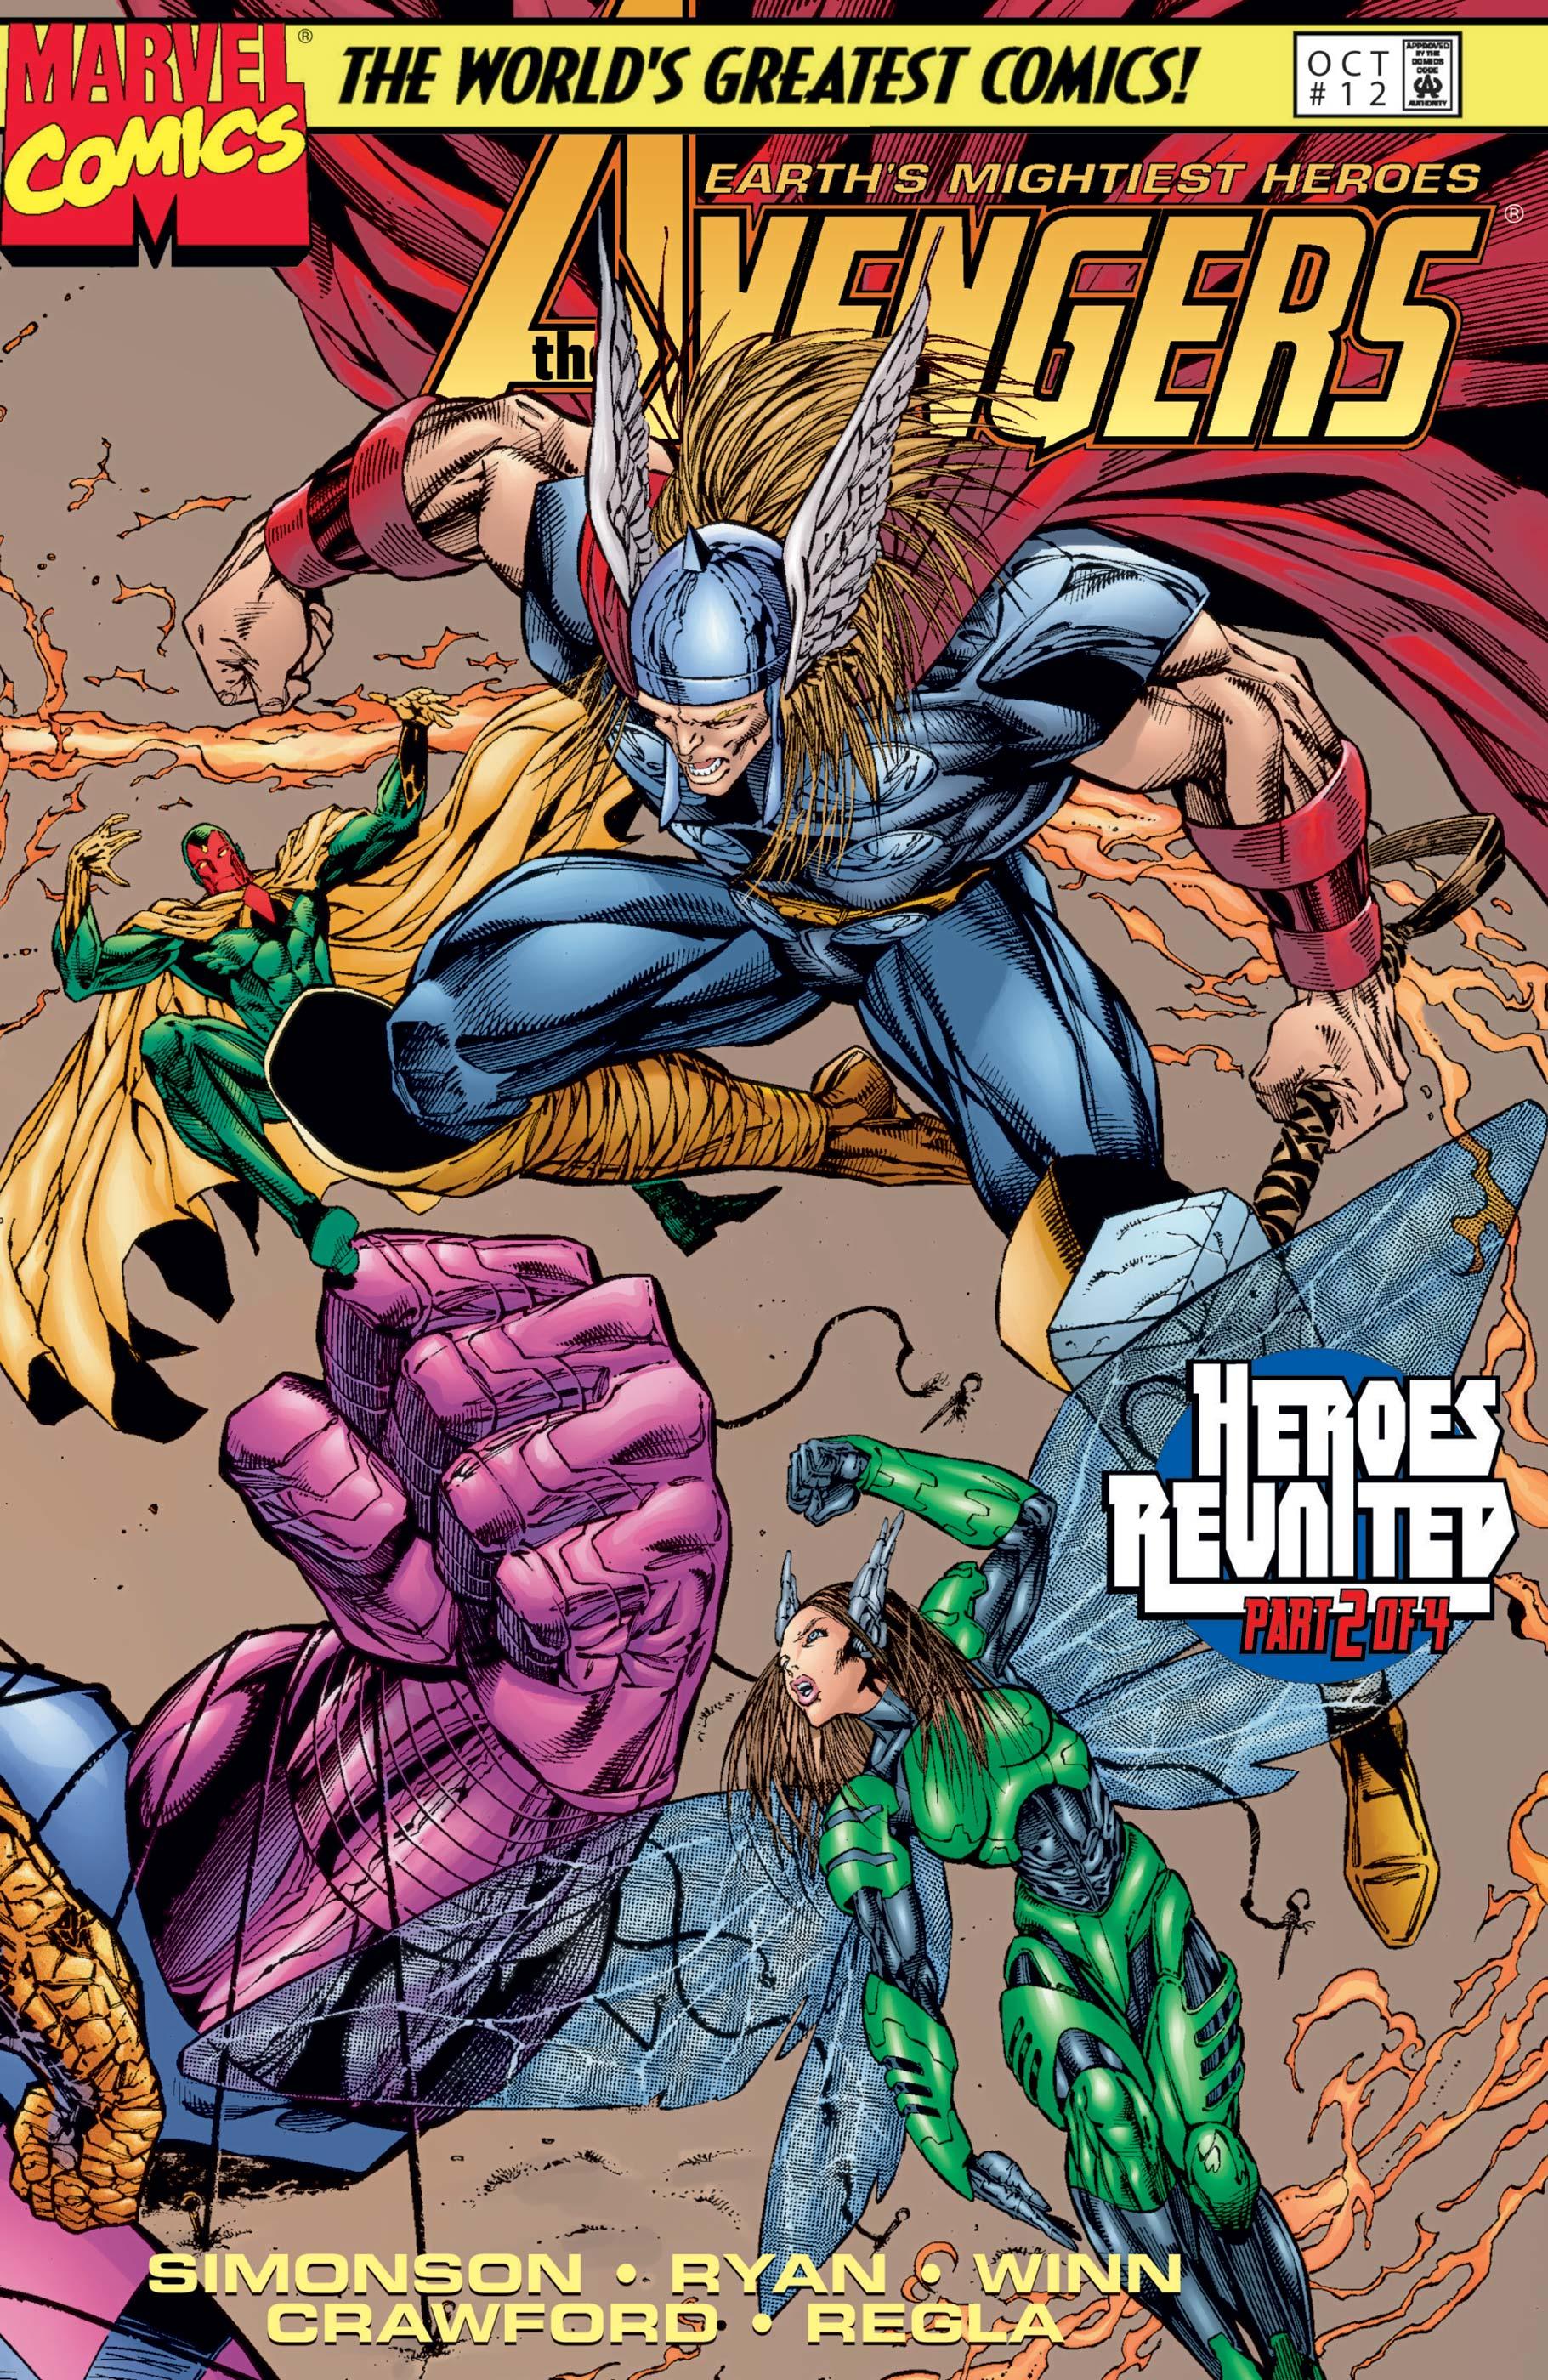 Avengers (1996) #12